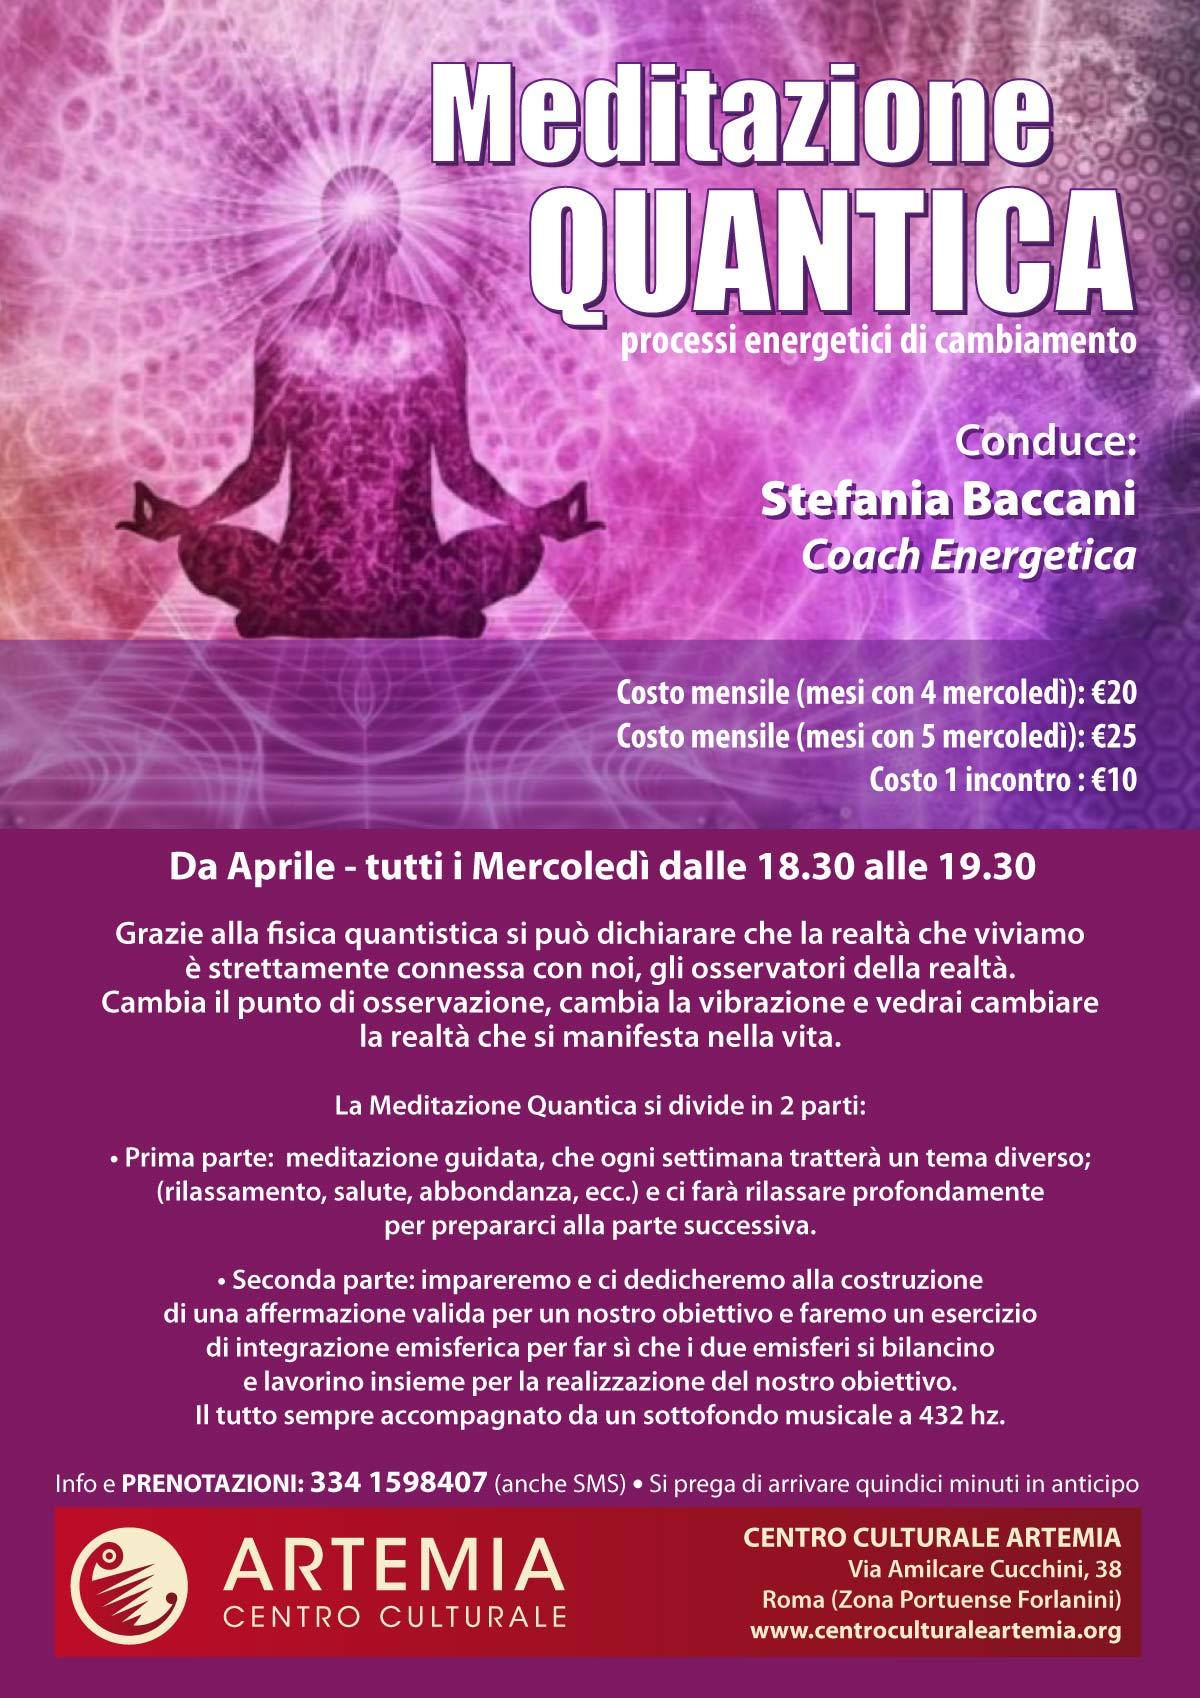 Meditazione Quantica